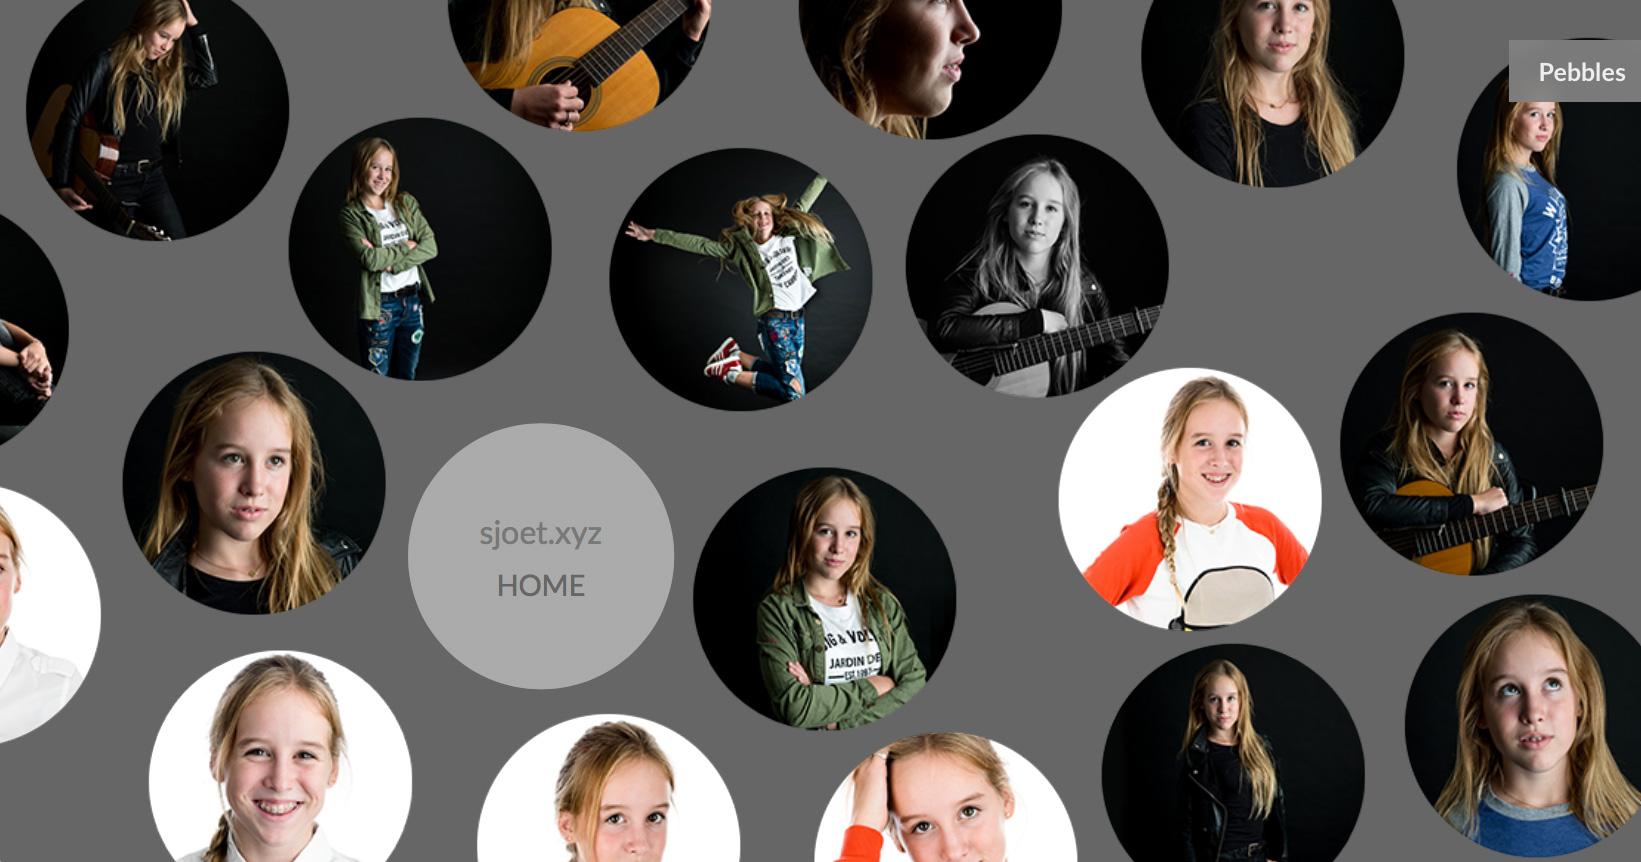 Pebbles Janssen | Sjoet.xyz